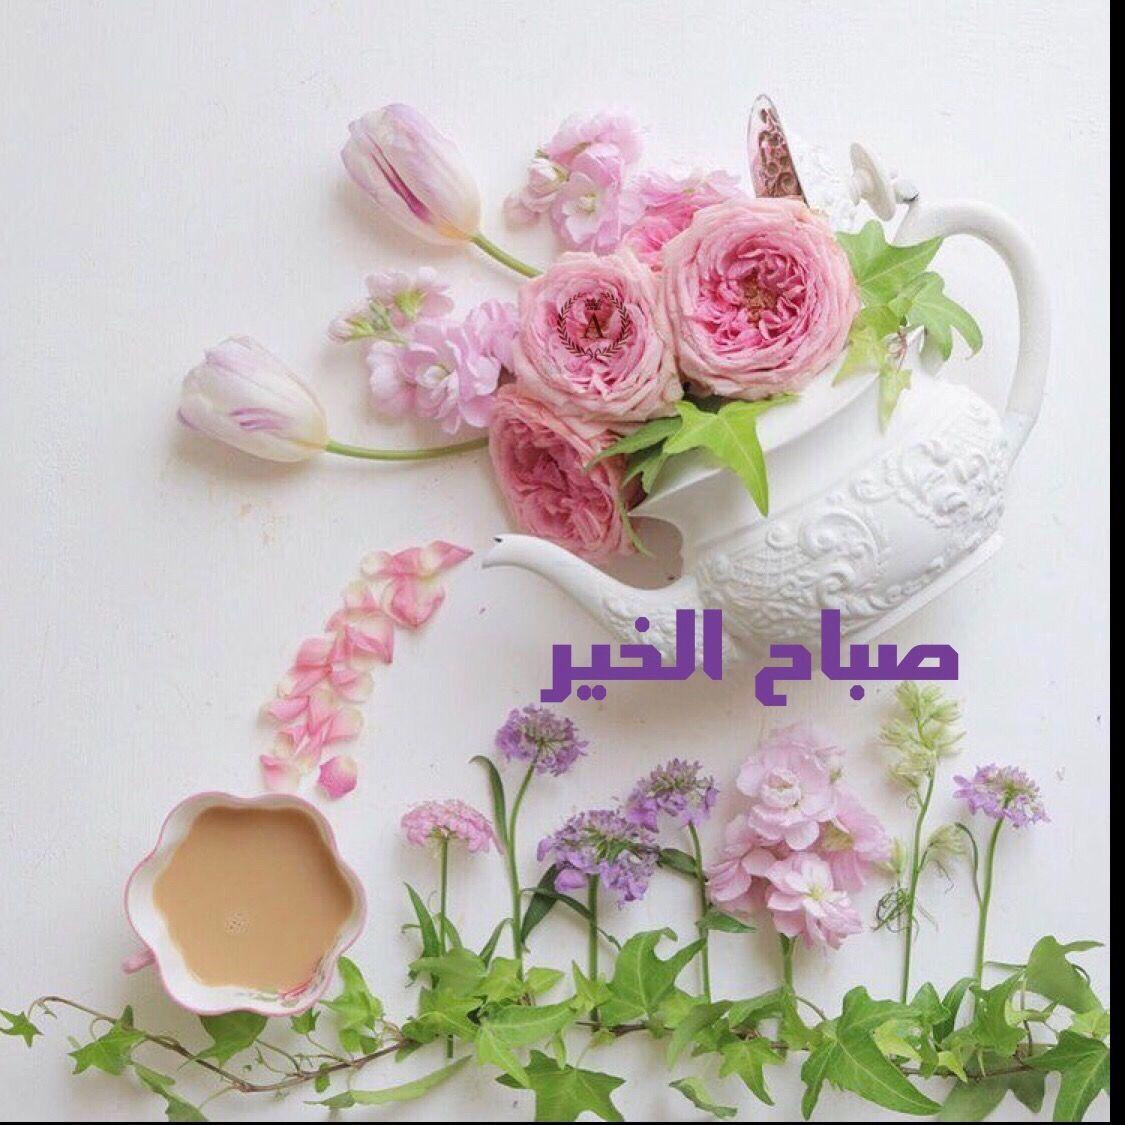 بالصور صور ورد صباح الخير , اجمل رسائل الصباح 3552 2